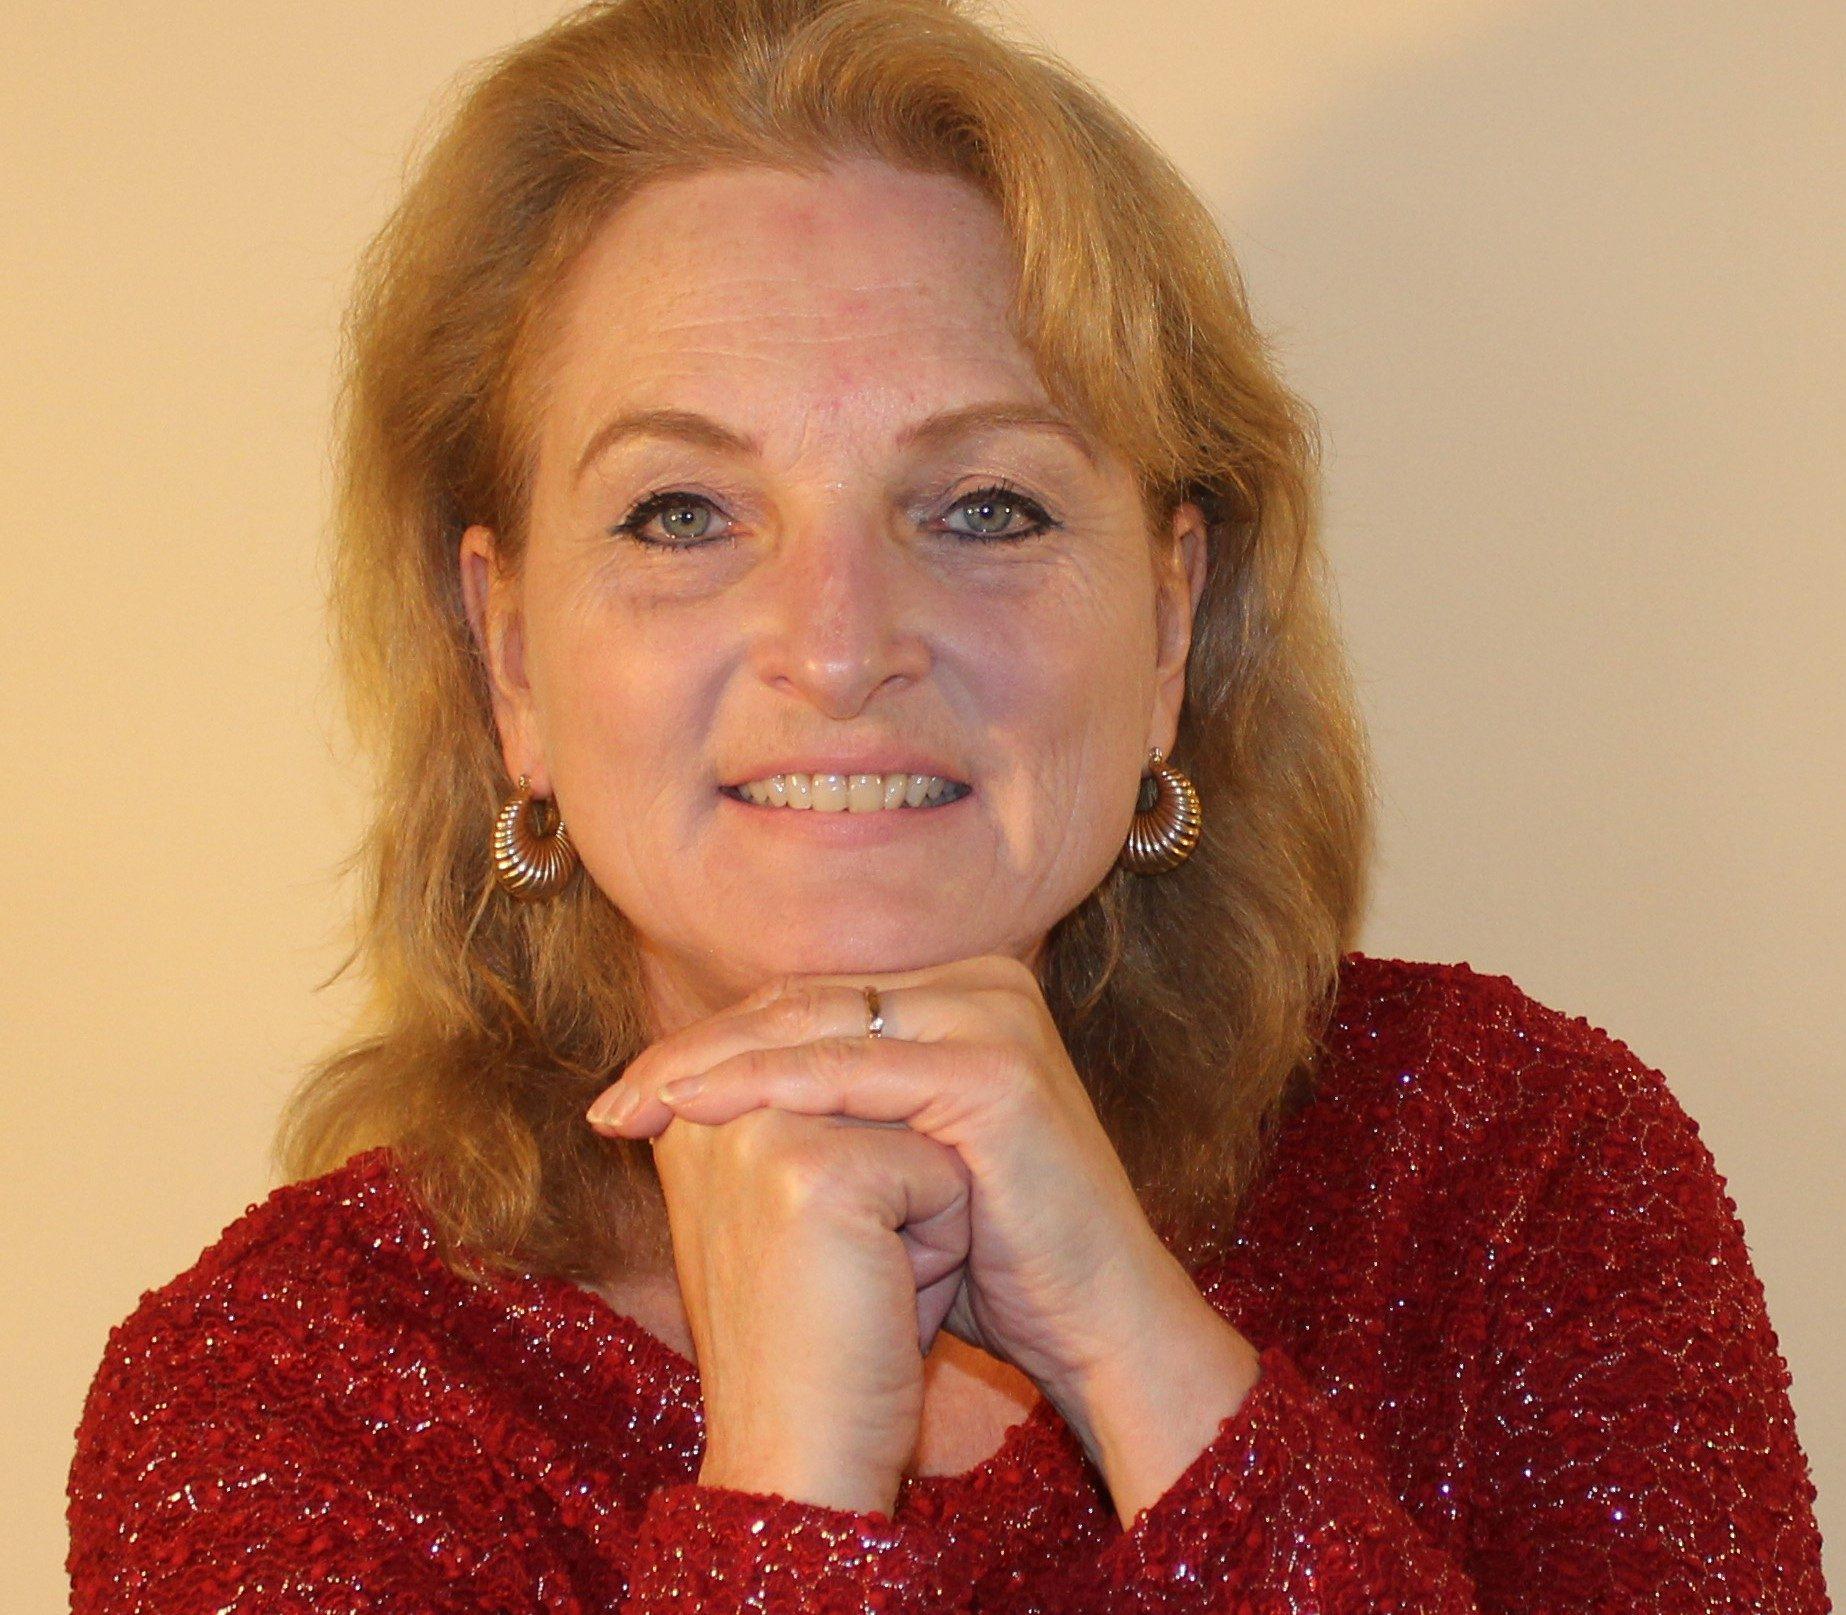 In Search of the Truth — Silvia Foti Investigates Jonas Noreika